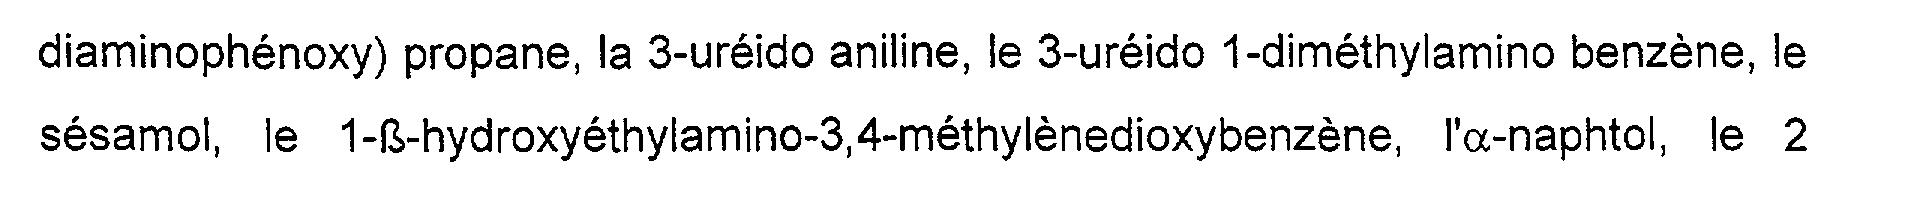 Figure img00130001